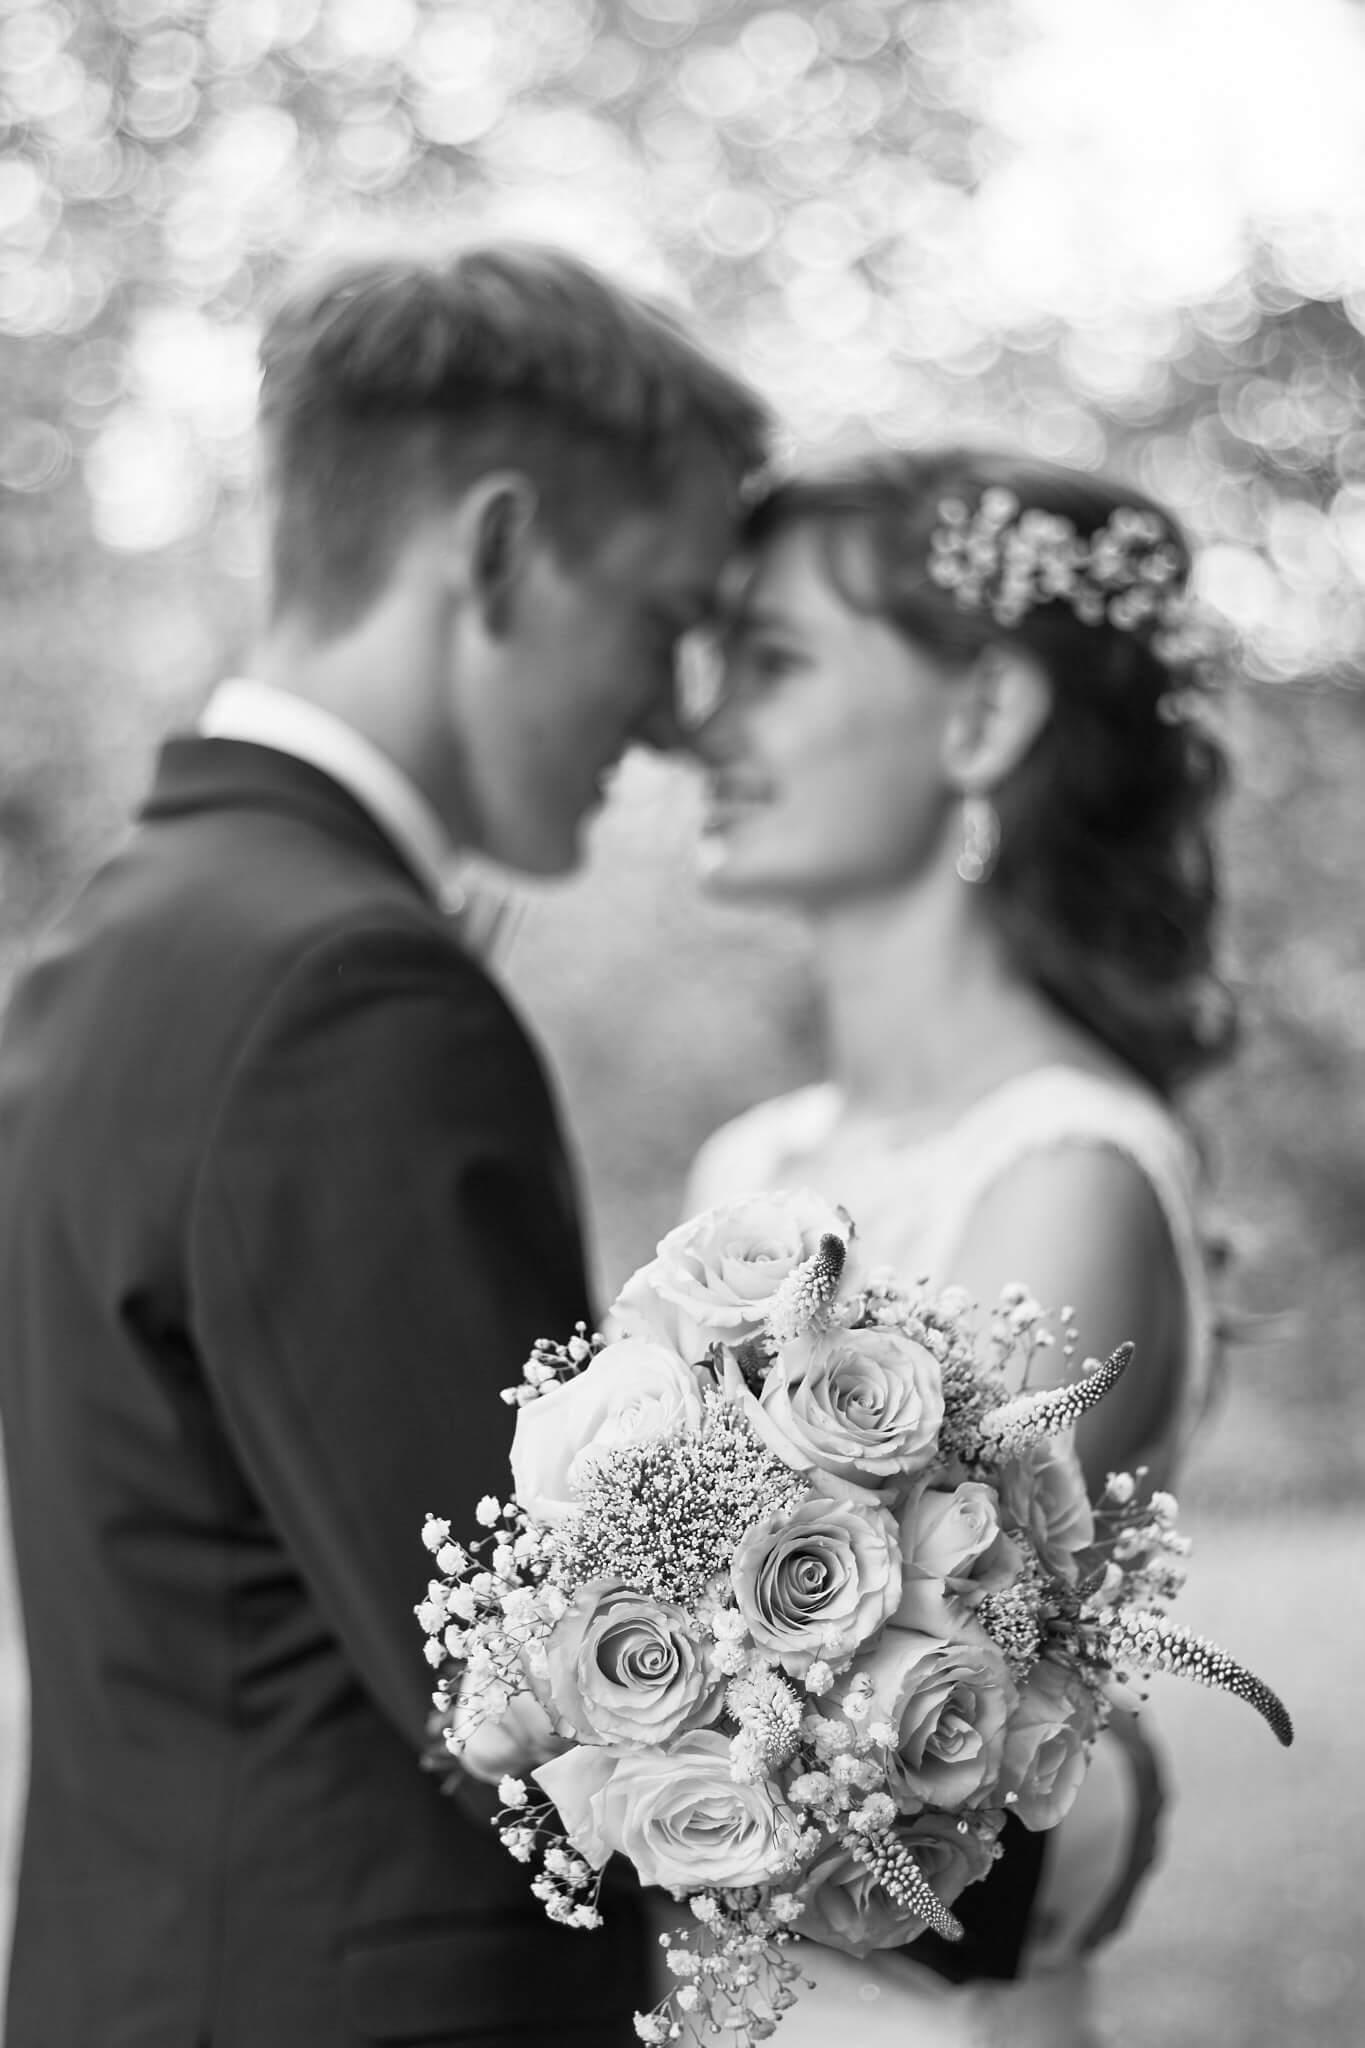 Mann berührt die Stirn seiner Frau mit Brautpaarstrauß